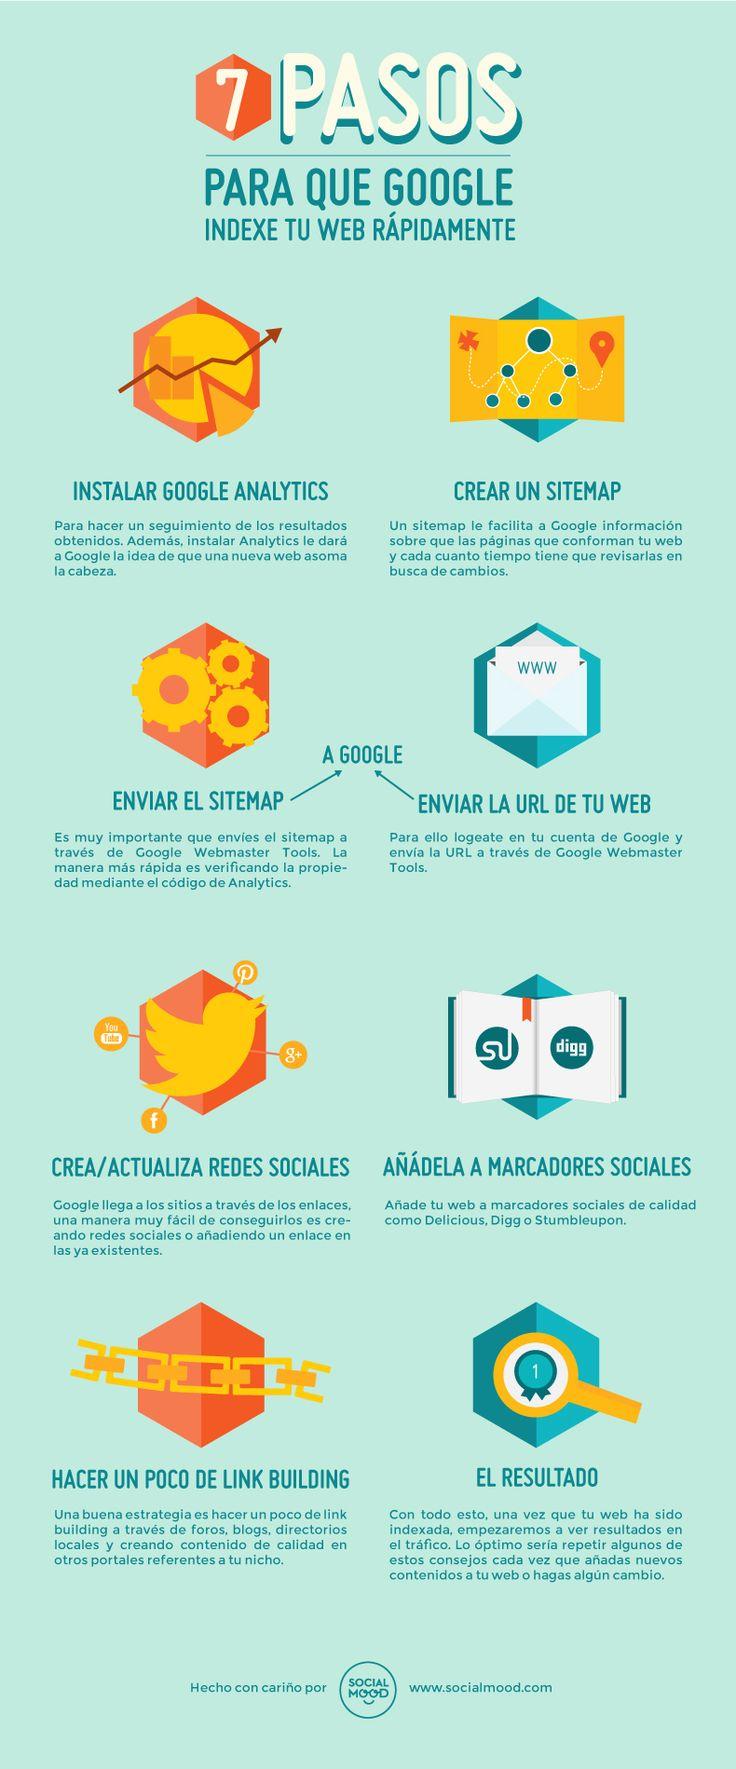 7 pasos para que Google indexe tu web sin problemas y de la manera más rápida posible.